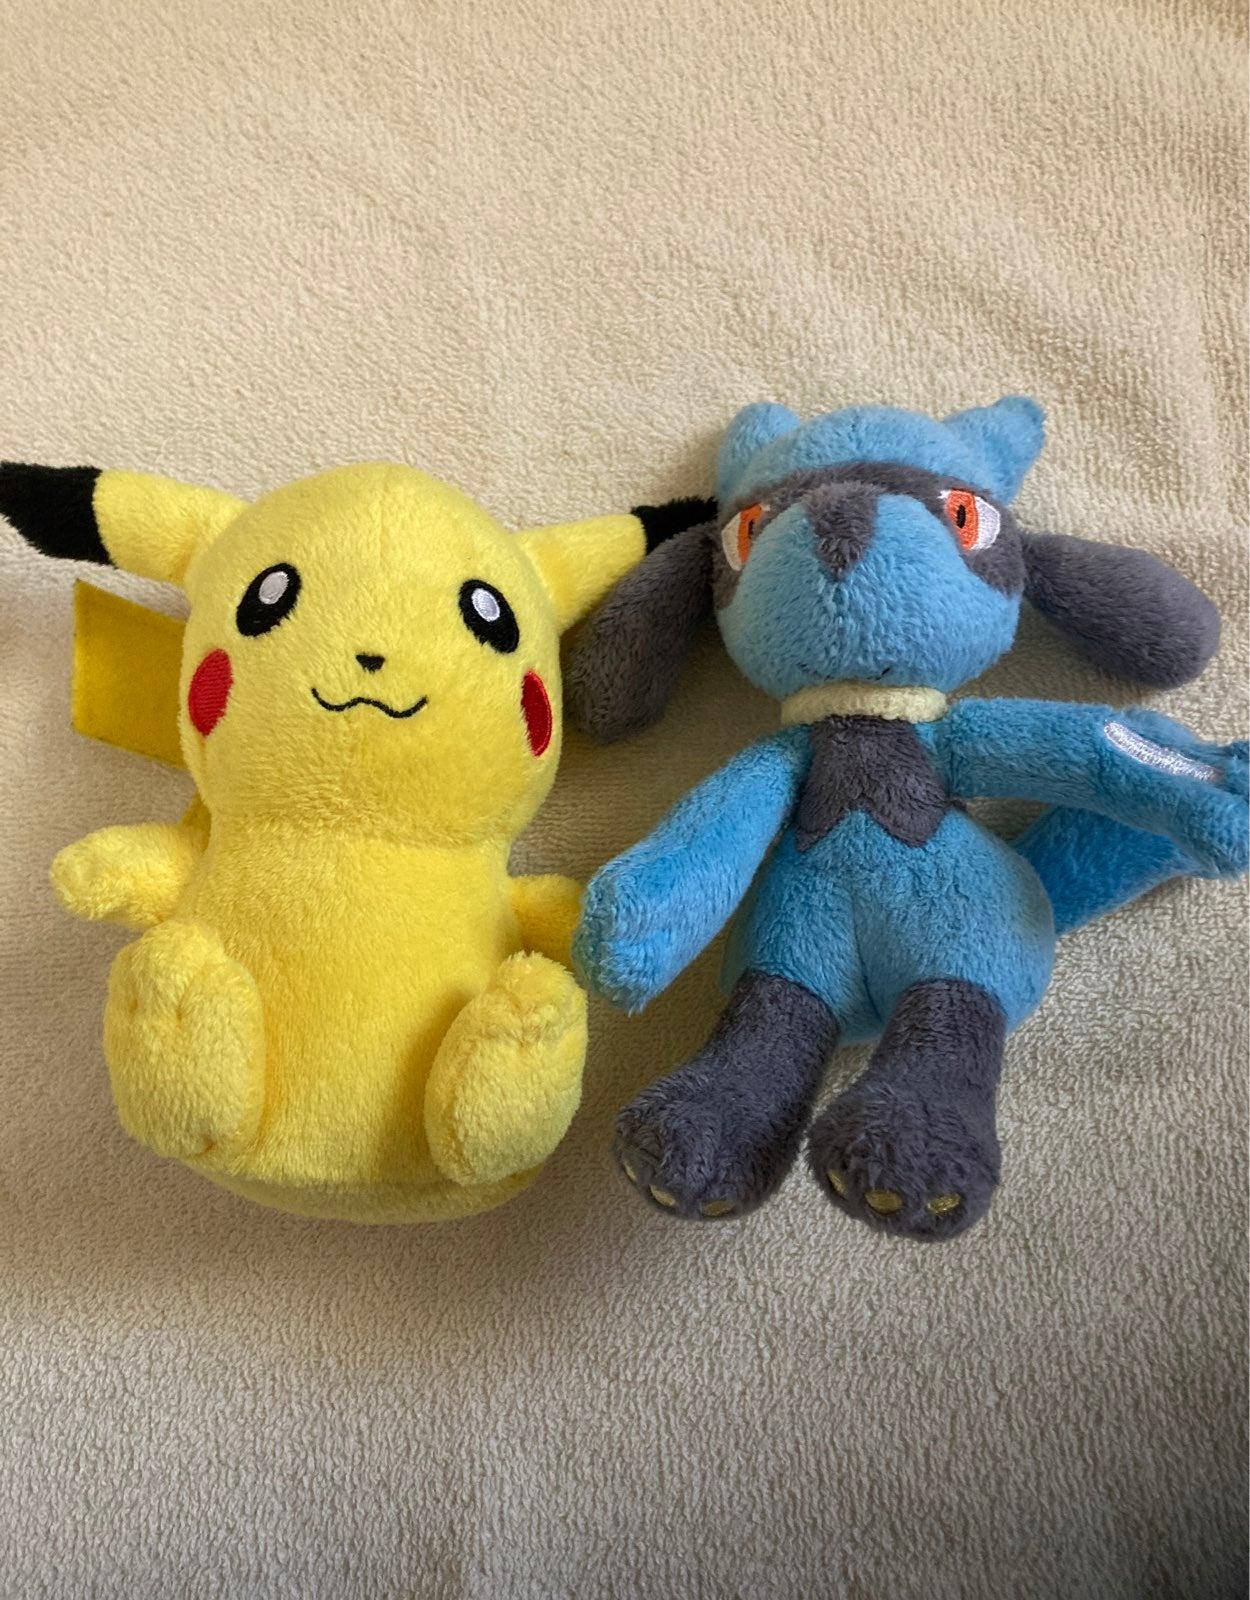 Pokemon Pikachu Riolu Vintage Plush Lot